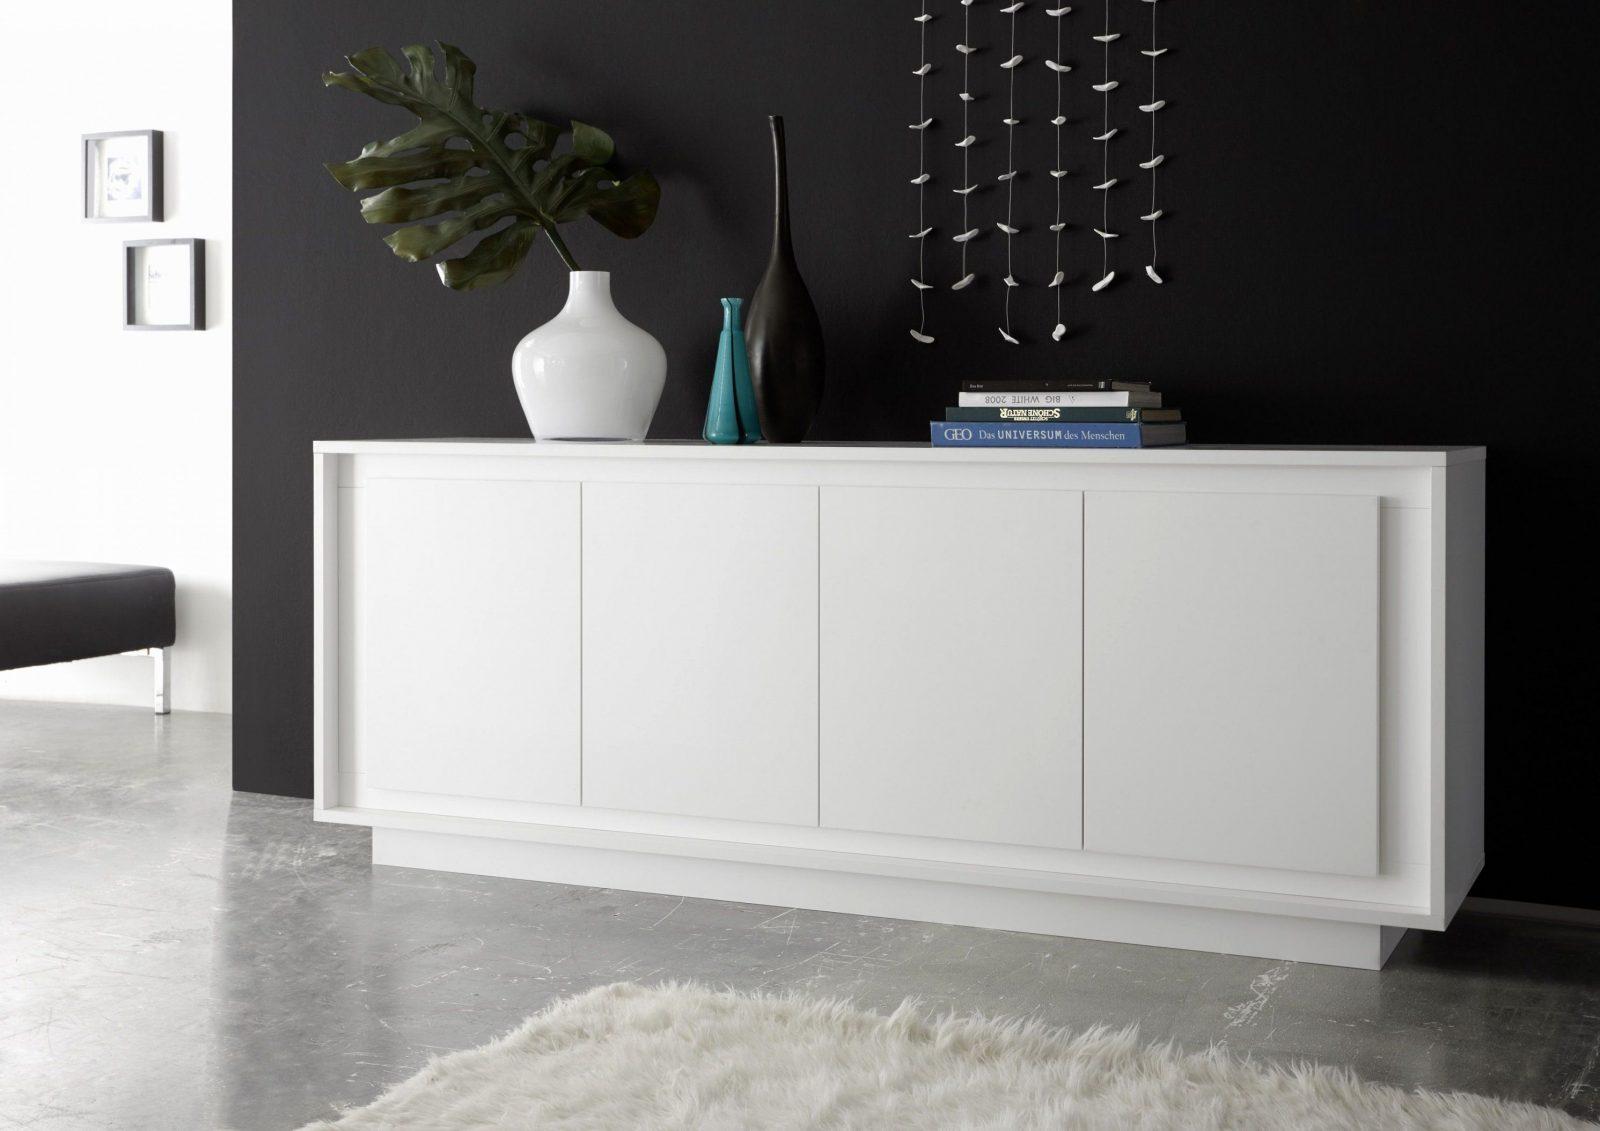 130 Besten Möbel Wz Bilder Auf Pinterest Elegant Kommode Weiß von Kommode Weiß Hochglanz Schubladen Photo